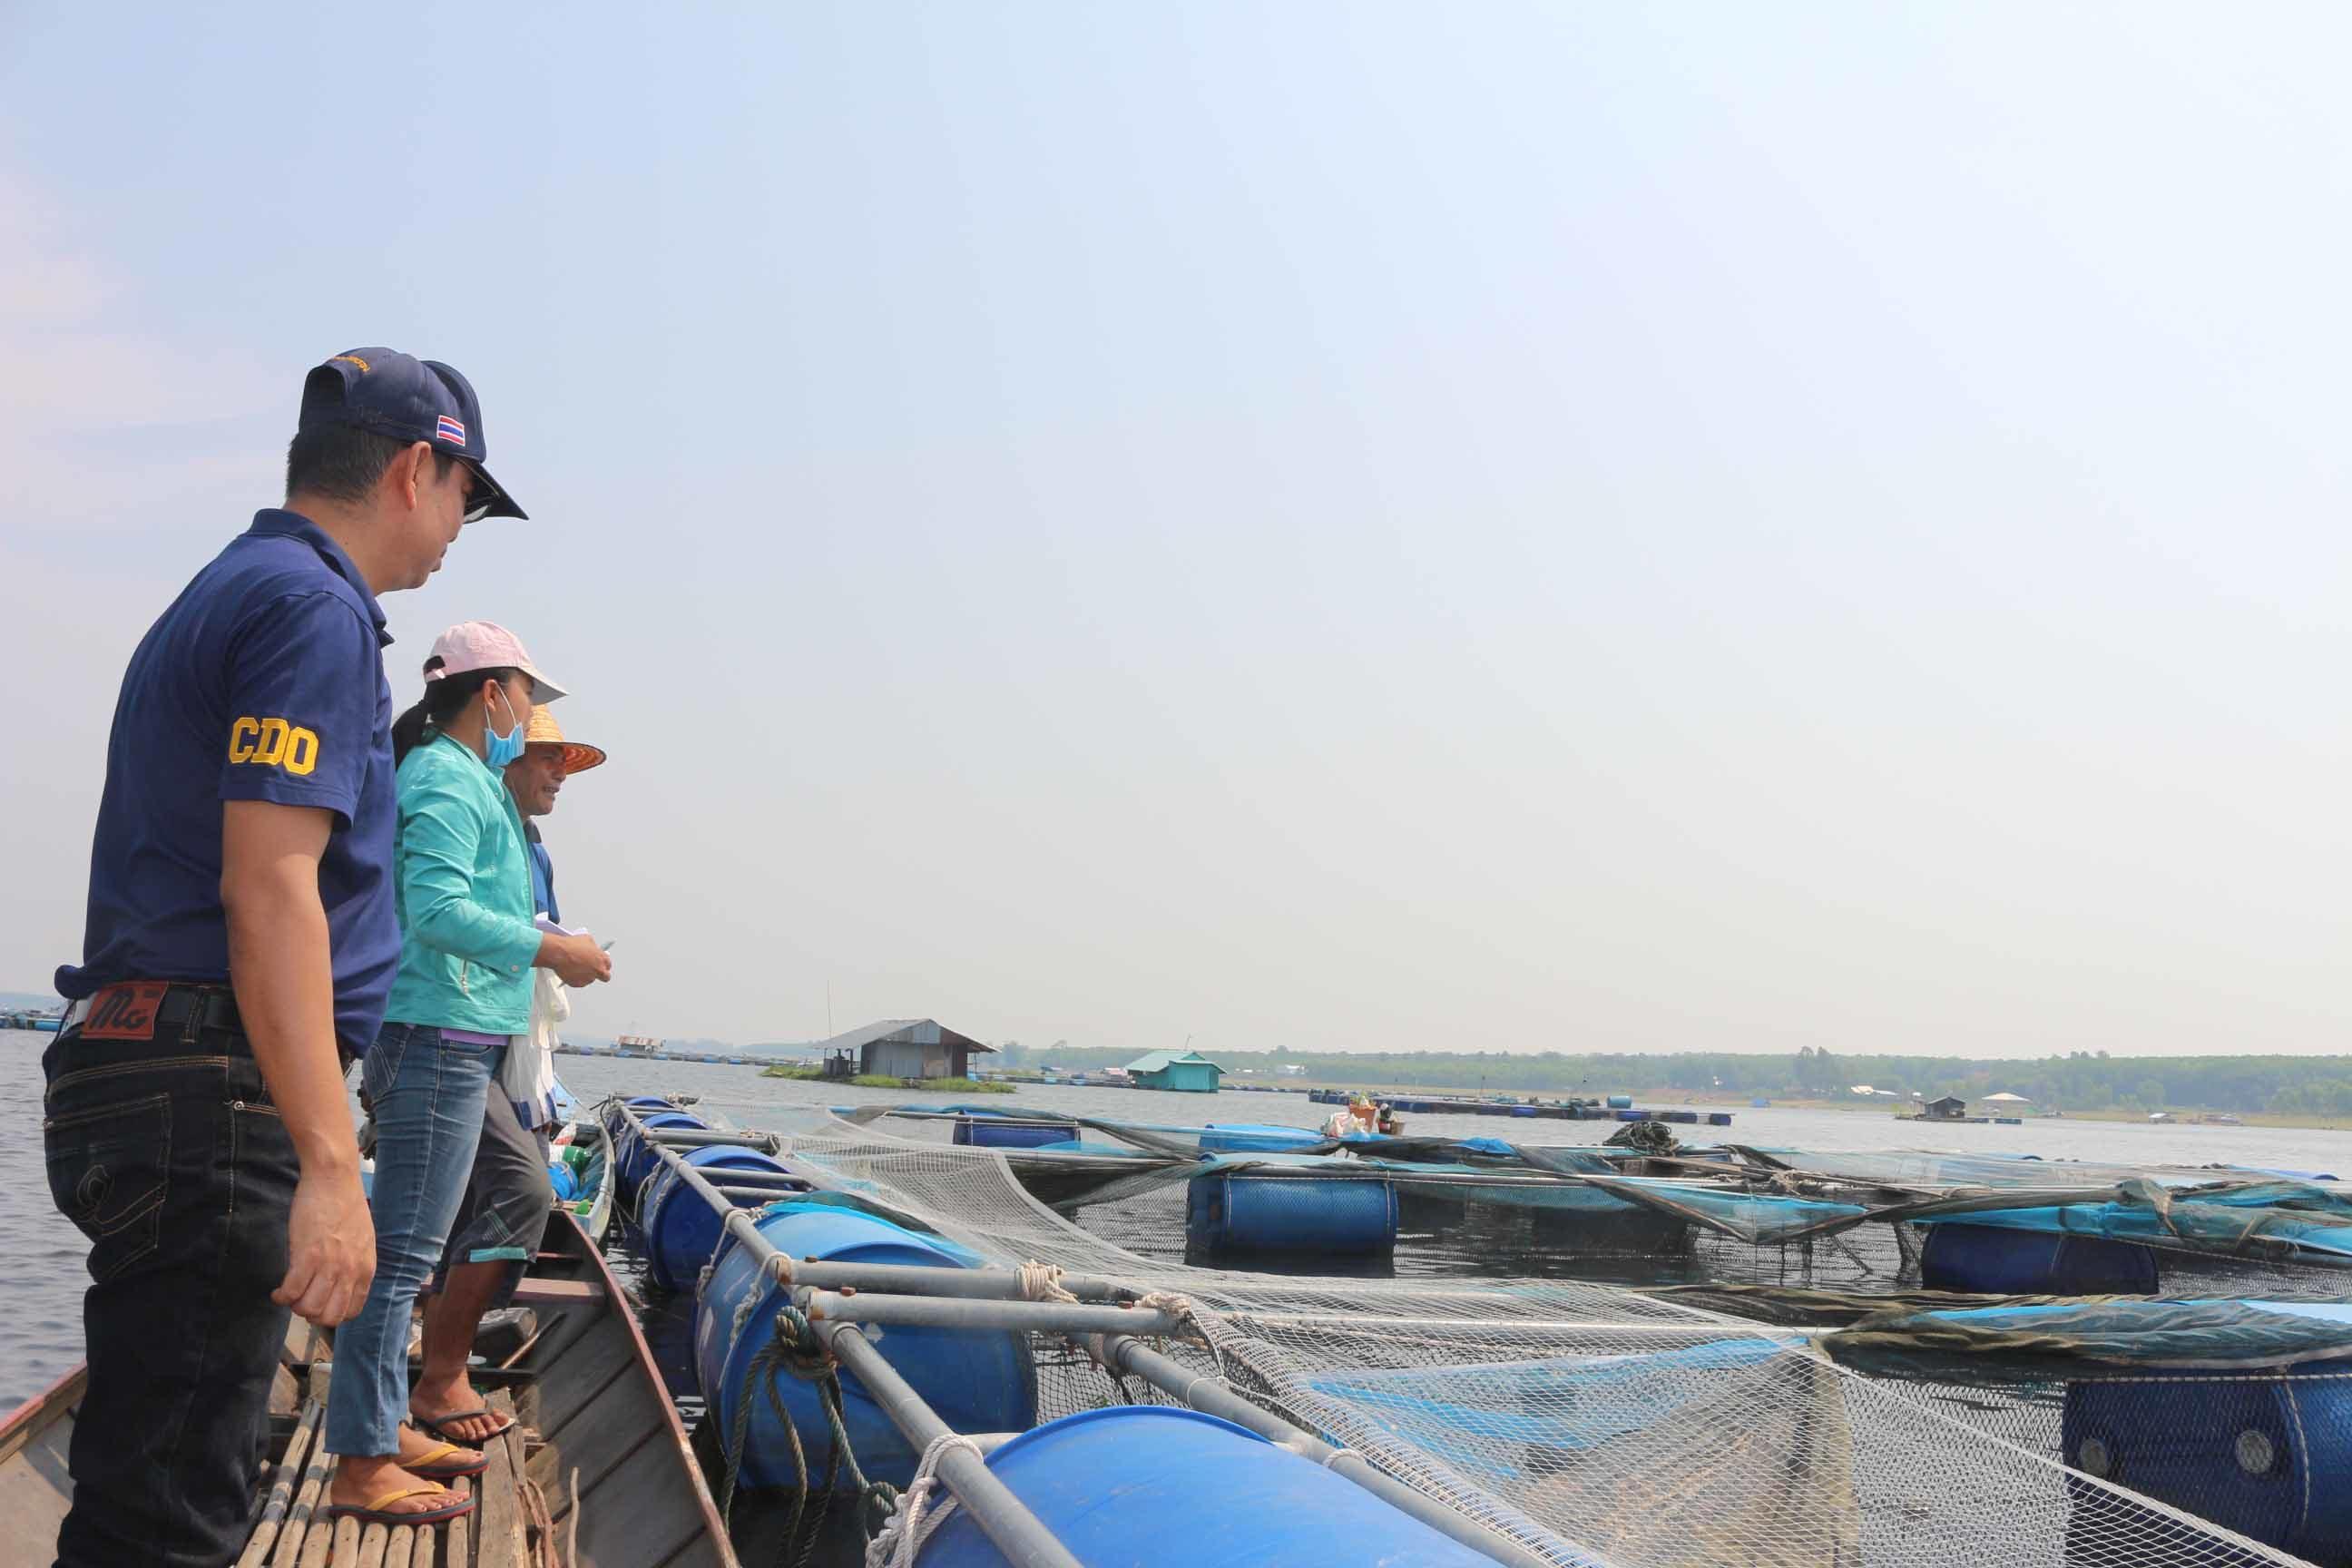 อากาศแปรปรวน อุณหภูมิร้อนจัด ทำปลากระชังน๊อกกว่า 20 ตัน